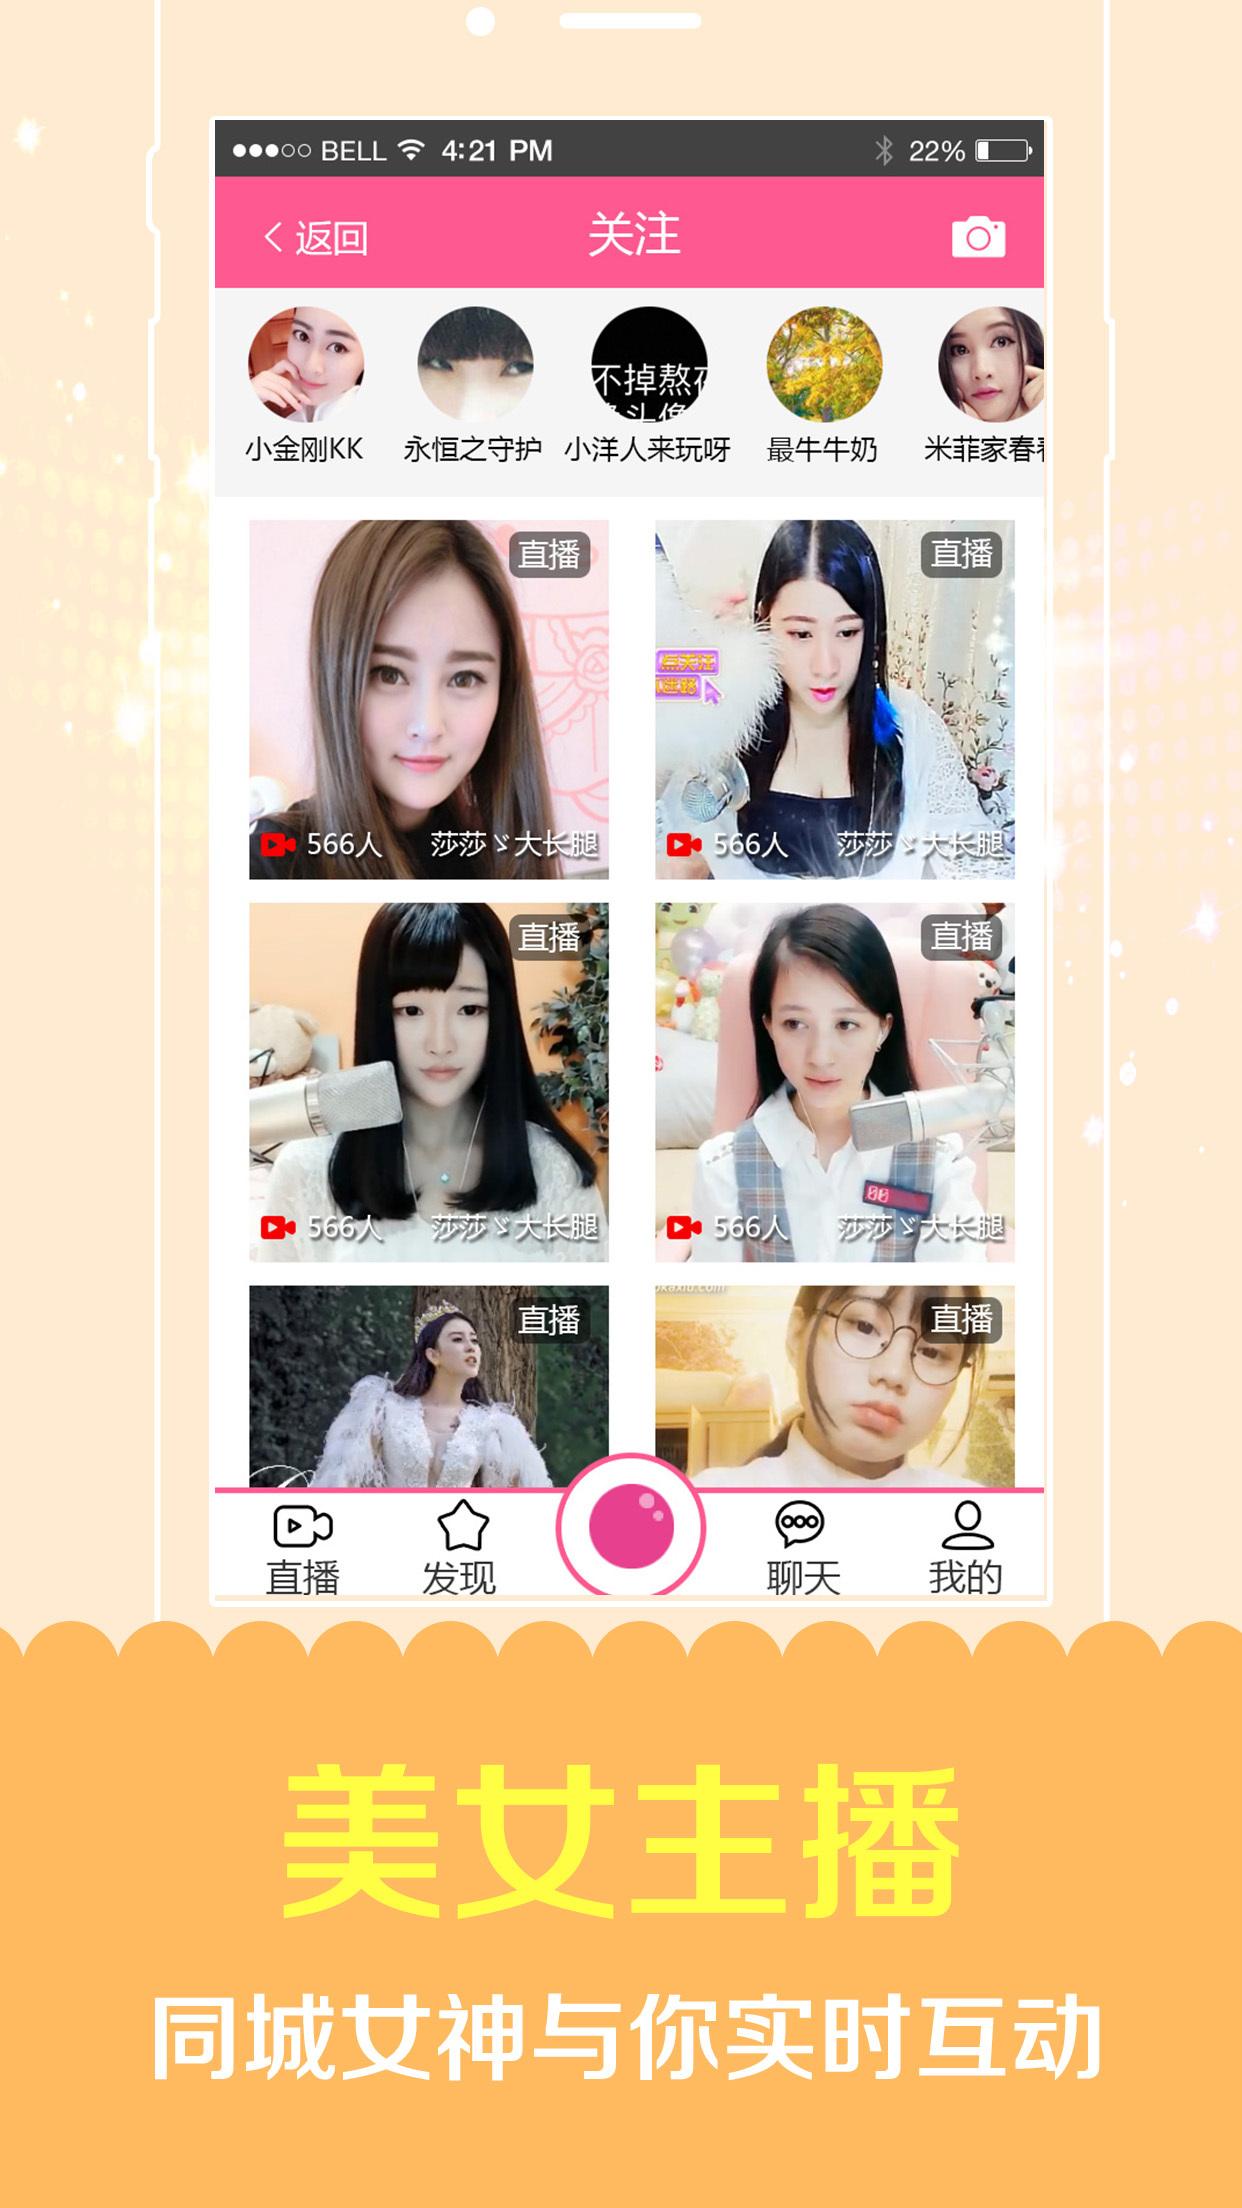 哑米直播app下载 亚米直播最新版本